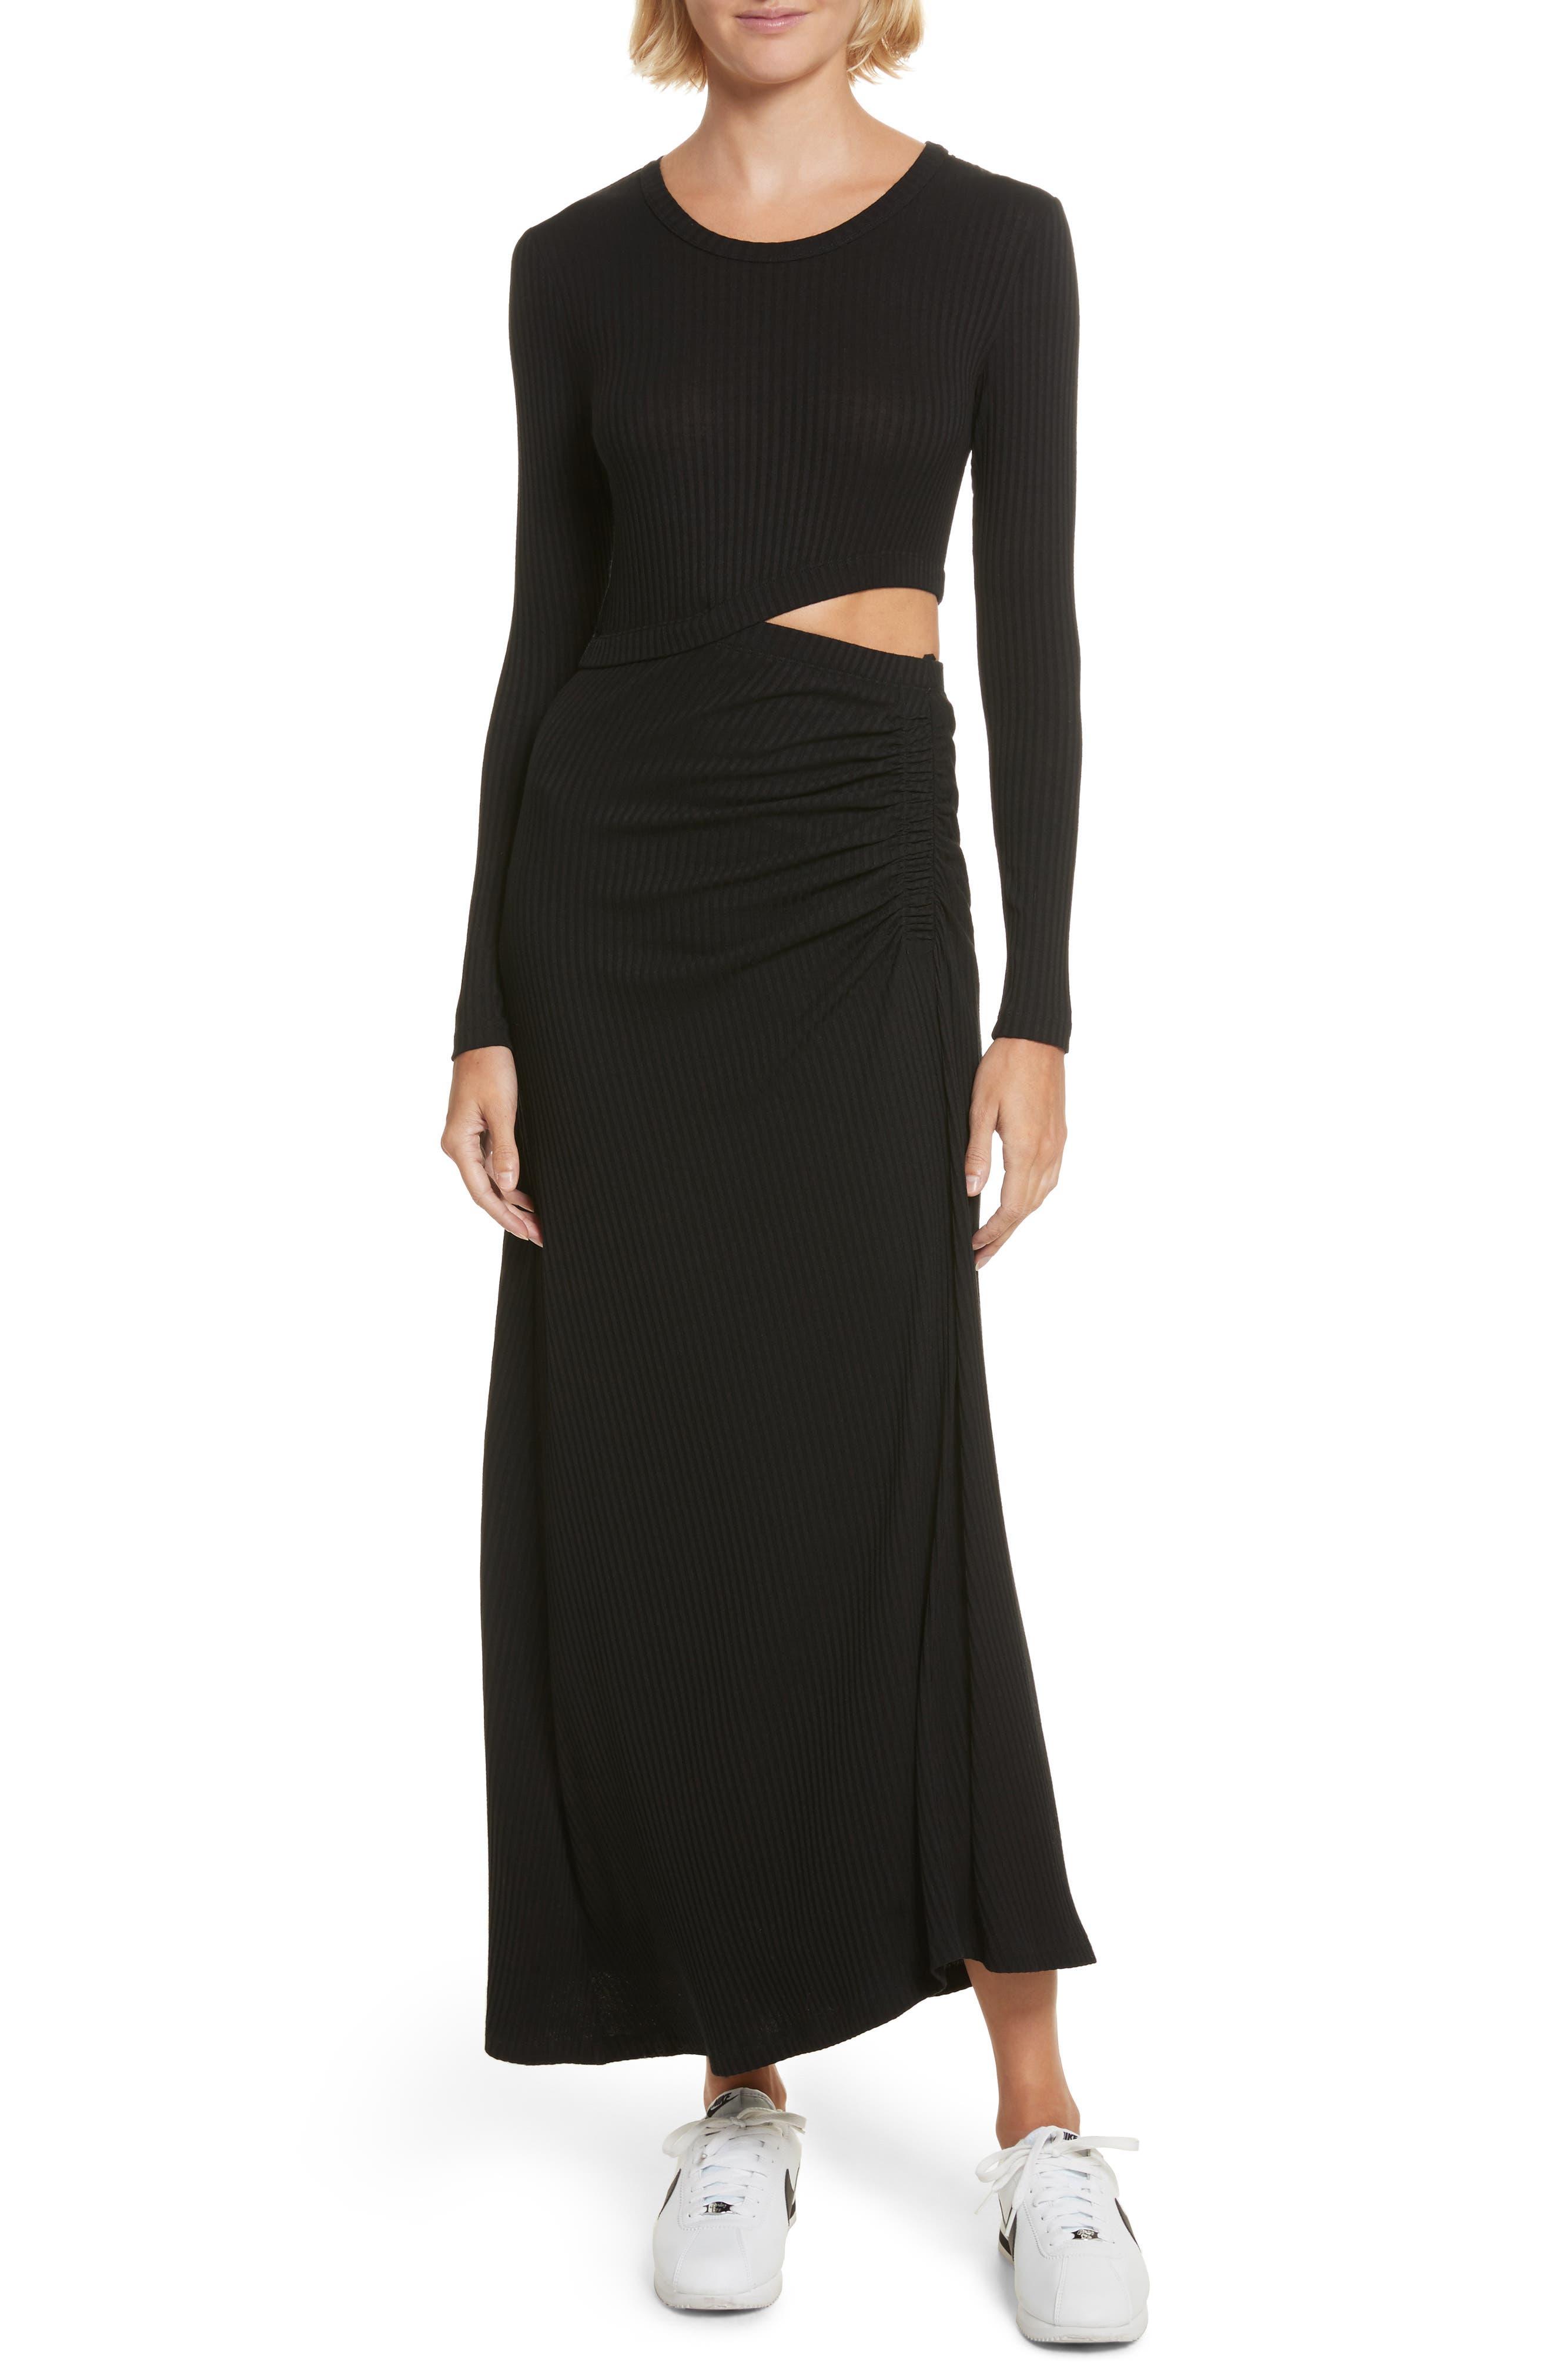 Rooney Cutout Dress,                         Main,                         color, Black